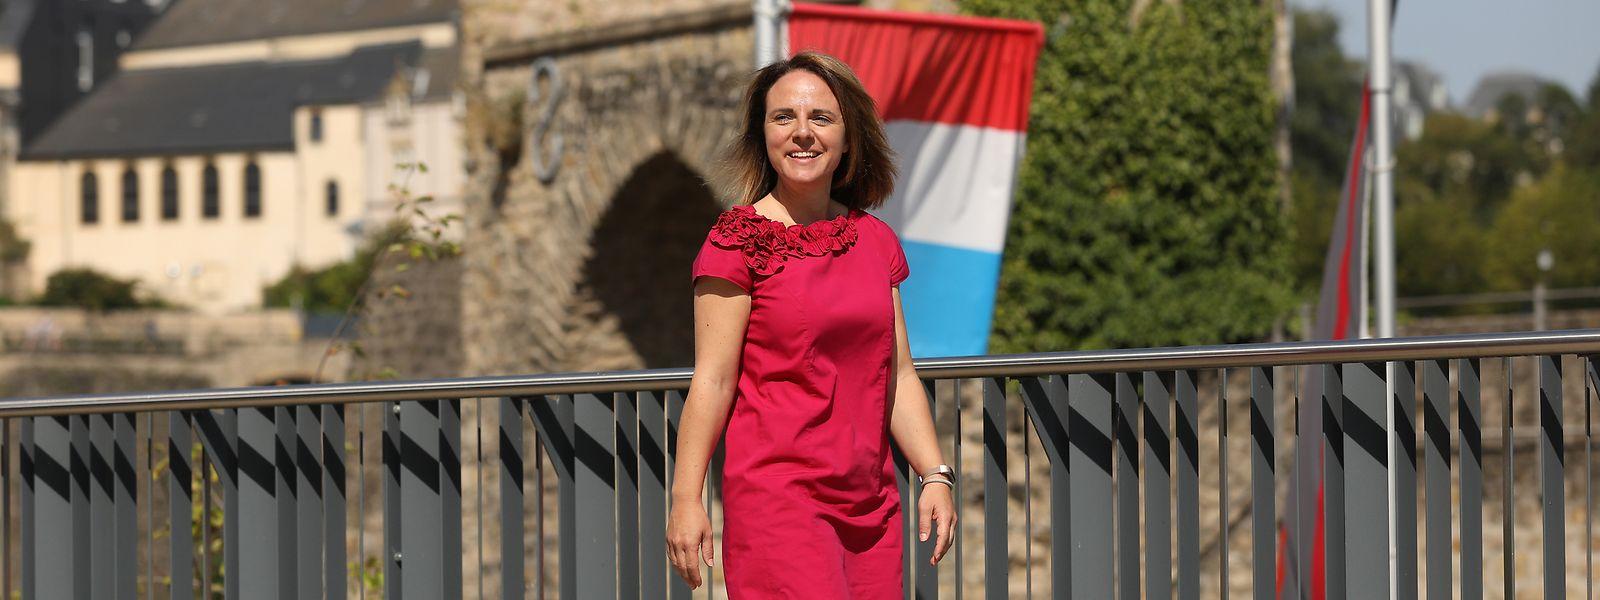 «Normalement, je ne pars pas loin en vacances. Je séjourne ici au Luxembourg en août. Cette année, c'est la première année depuis un certain temps qu'il n'y a plus d'élections, alors j'irai en Italie avec mes enfants en septembre», confie Corinne Cahen.